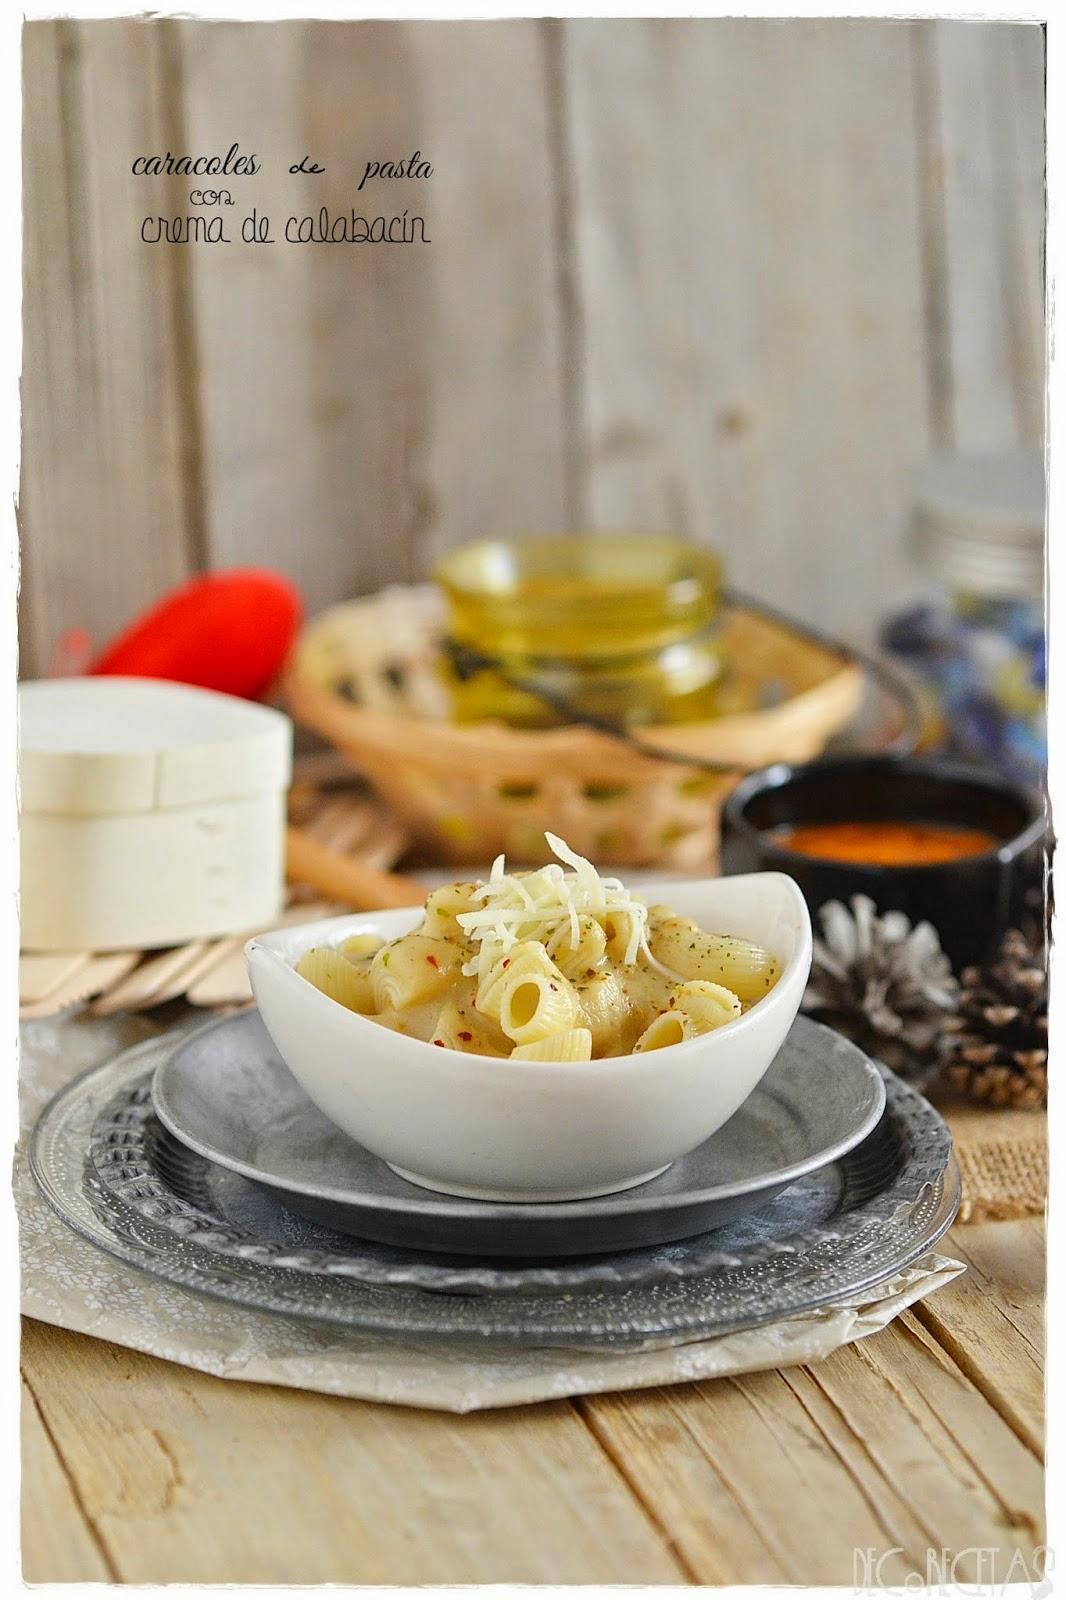 caracoles de pasta con crema de calabacín